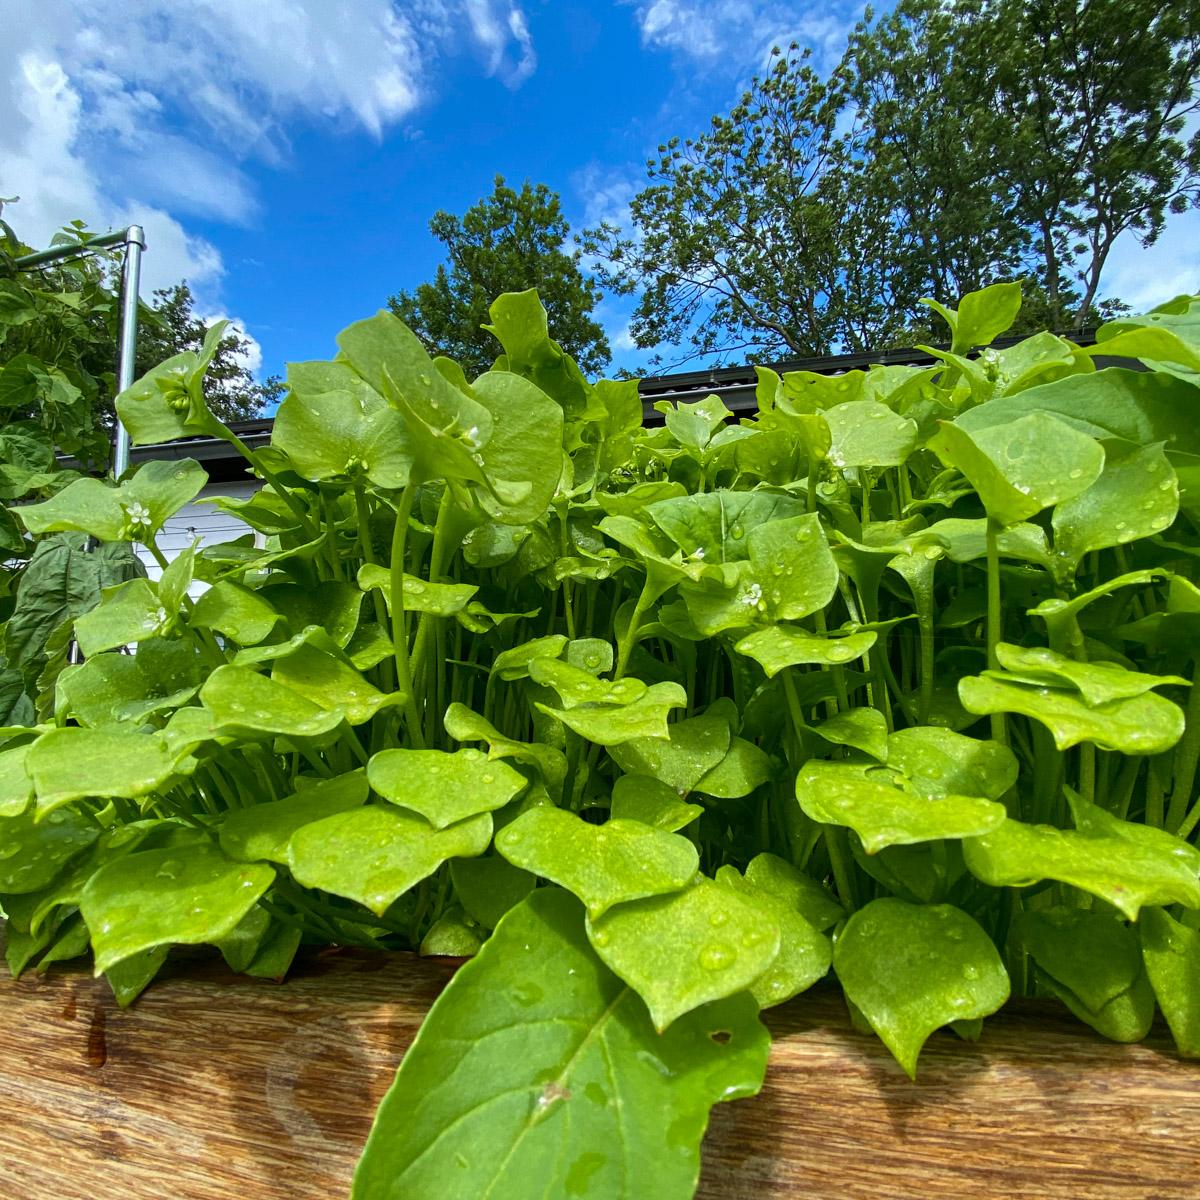 blog-early-august-in-the-vegetable-garden5.jpg